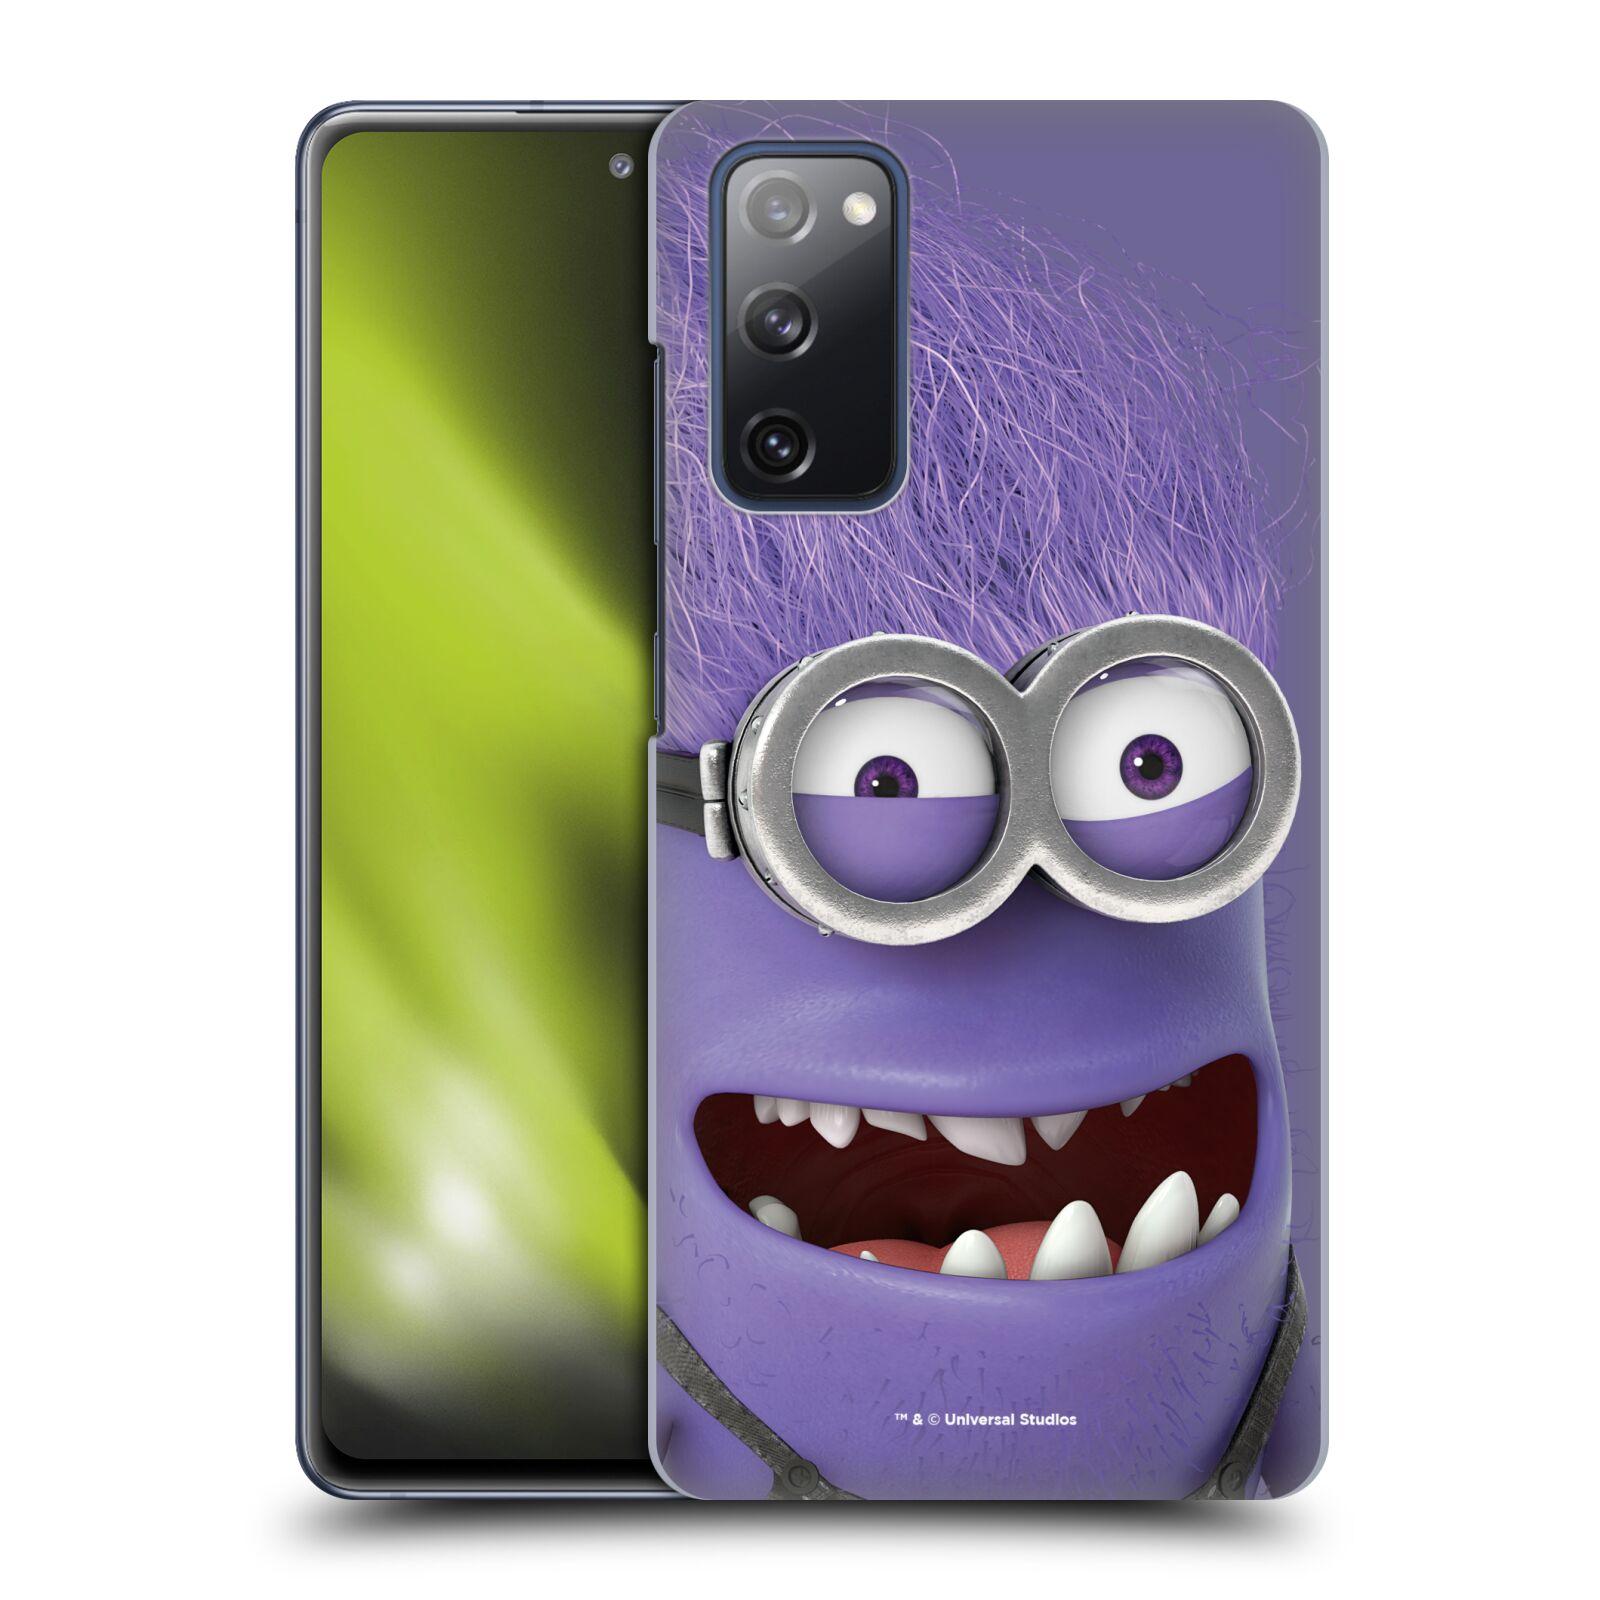 Plastové pouzdro na mobil Samsung Galaxy S20 FE - Head Case - Zlý Mimoň z filmu Já, padouch - Despicable Me